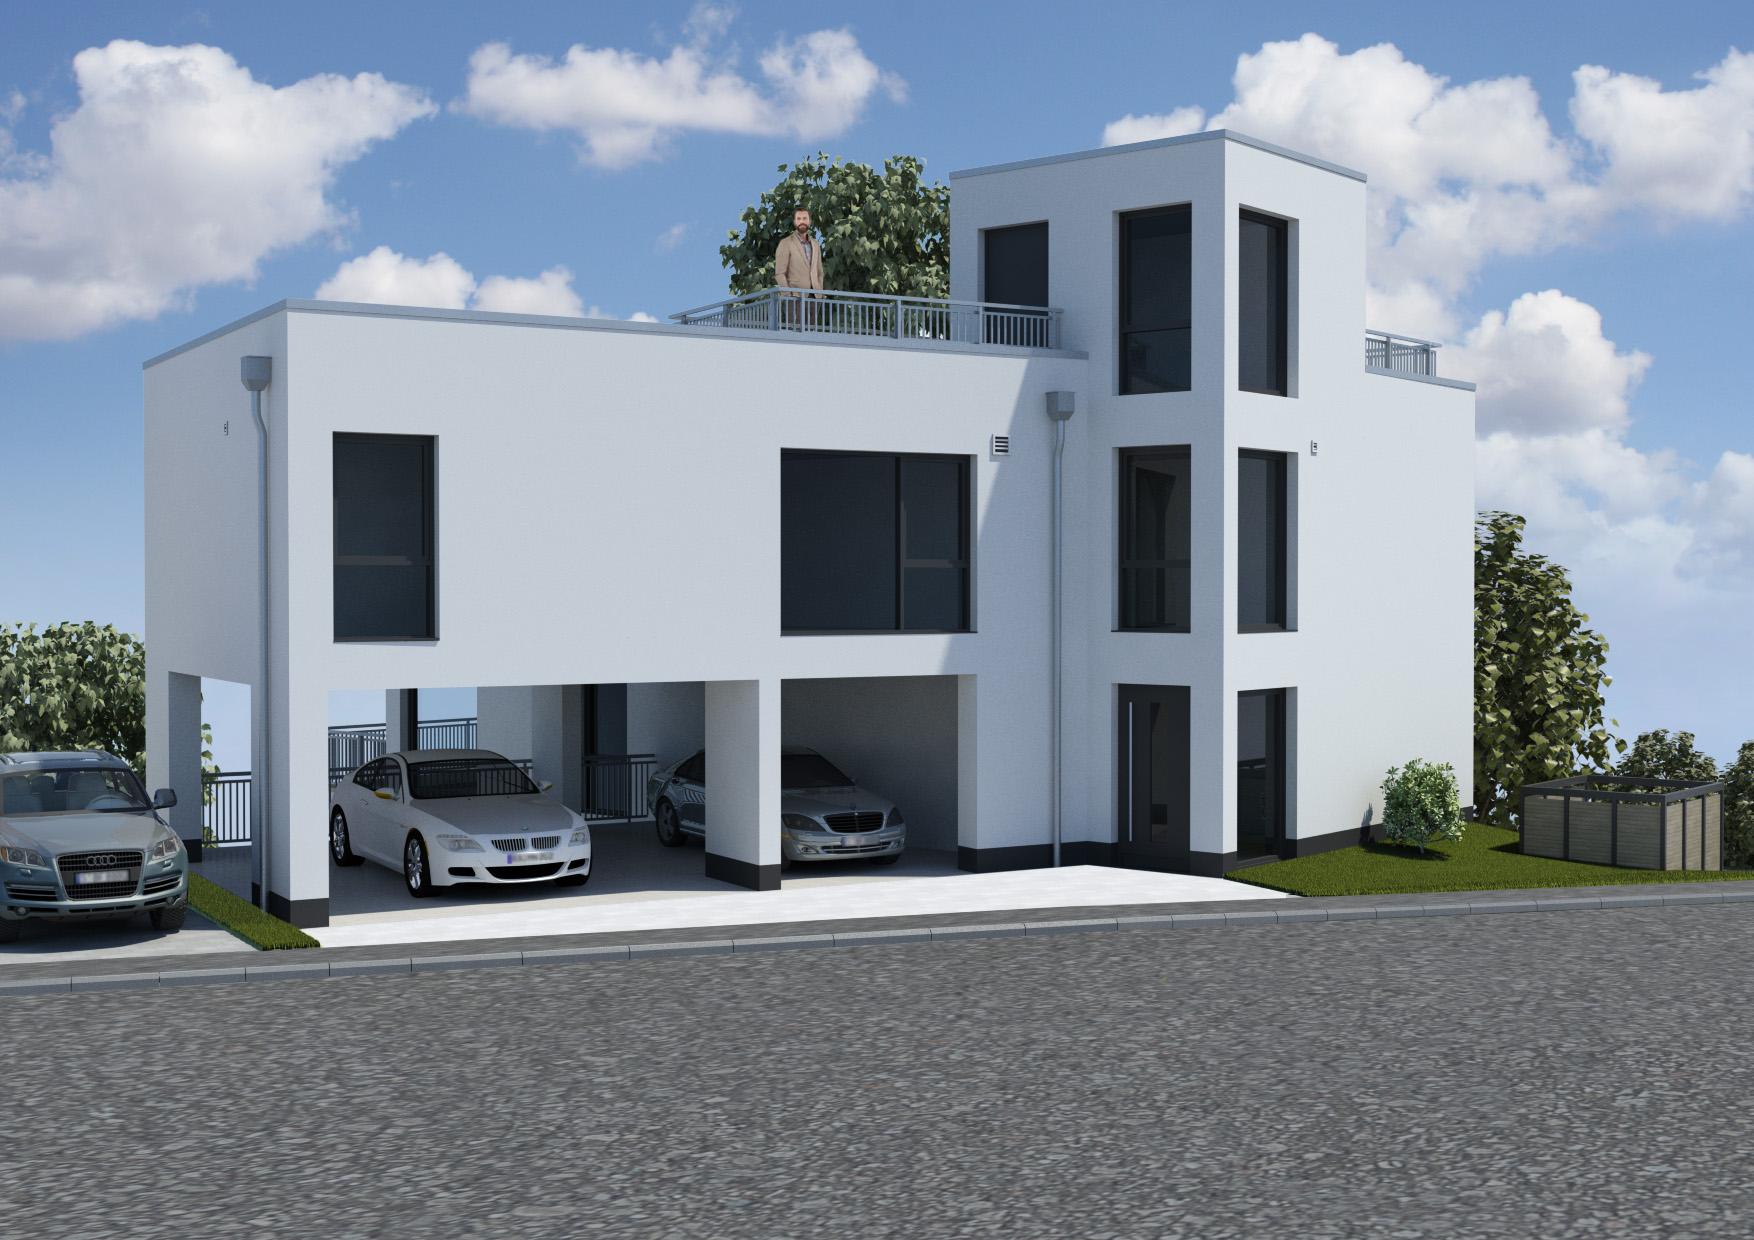 Mehrfamilienhaus Flachdach Bauhaus Kubisch Weiße Moderne im Hang